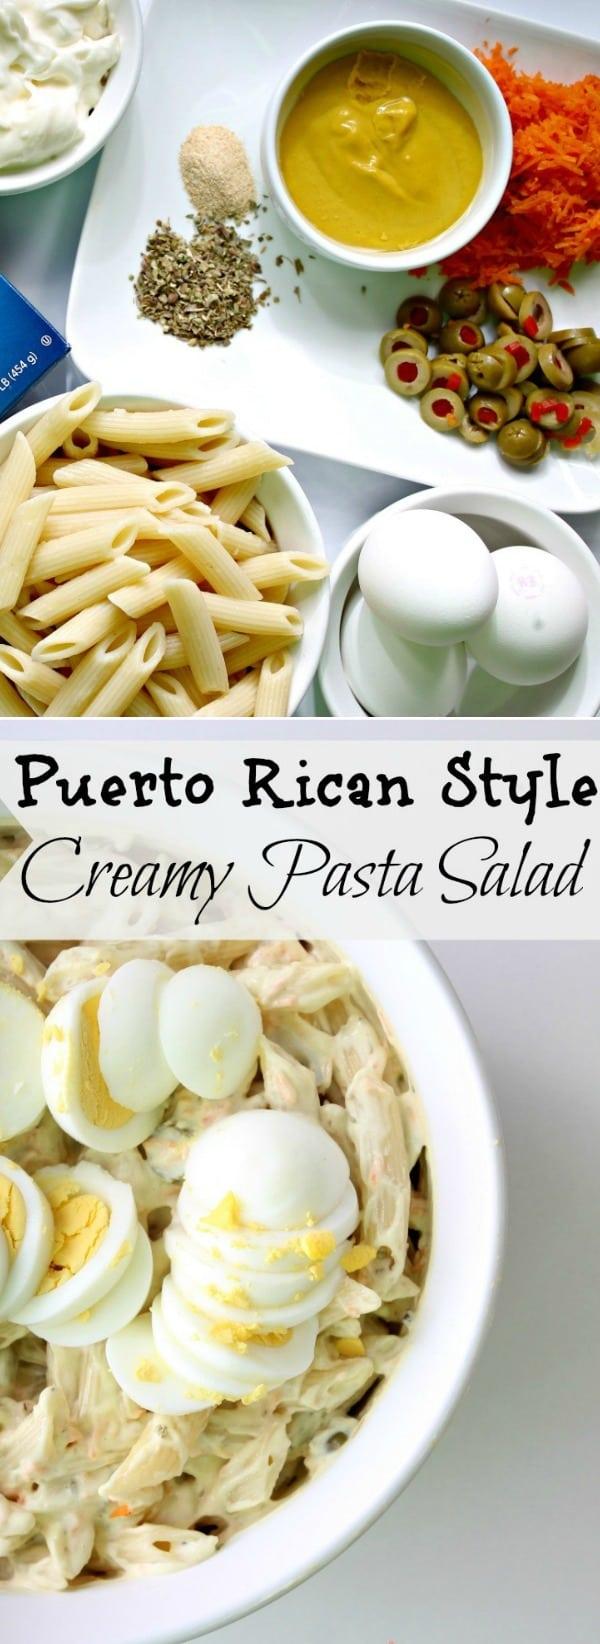 Puerto Rican Style Creamy Pasta Salad